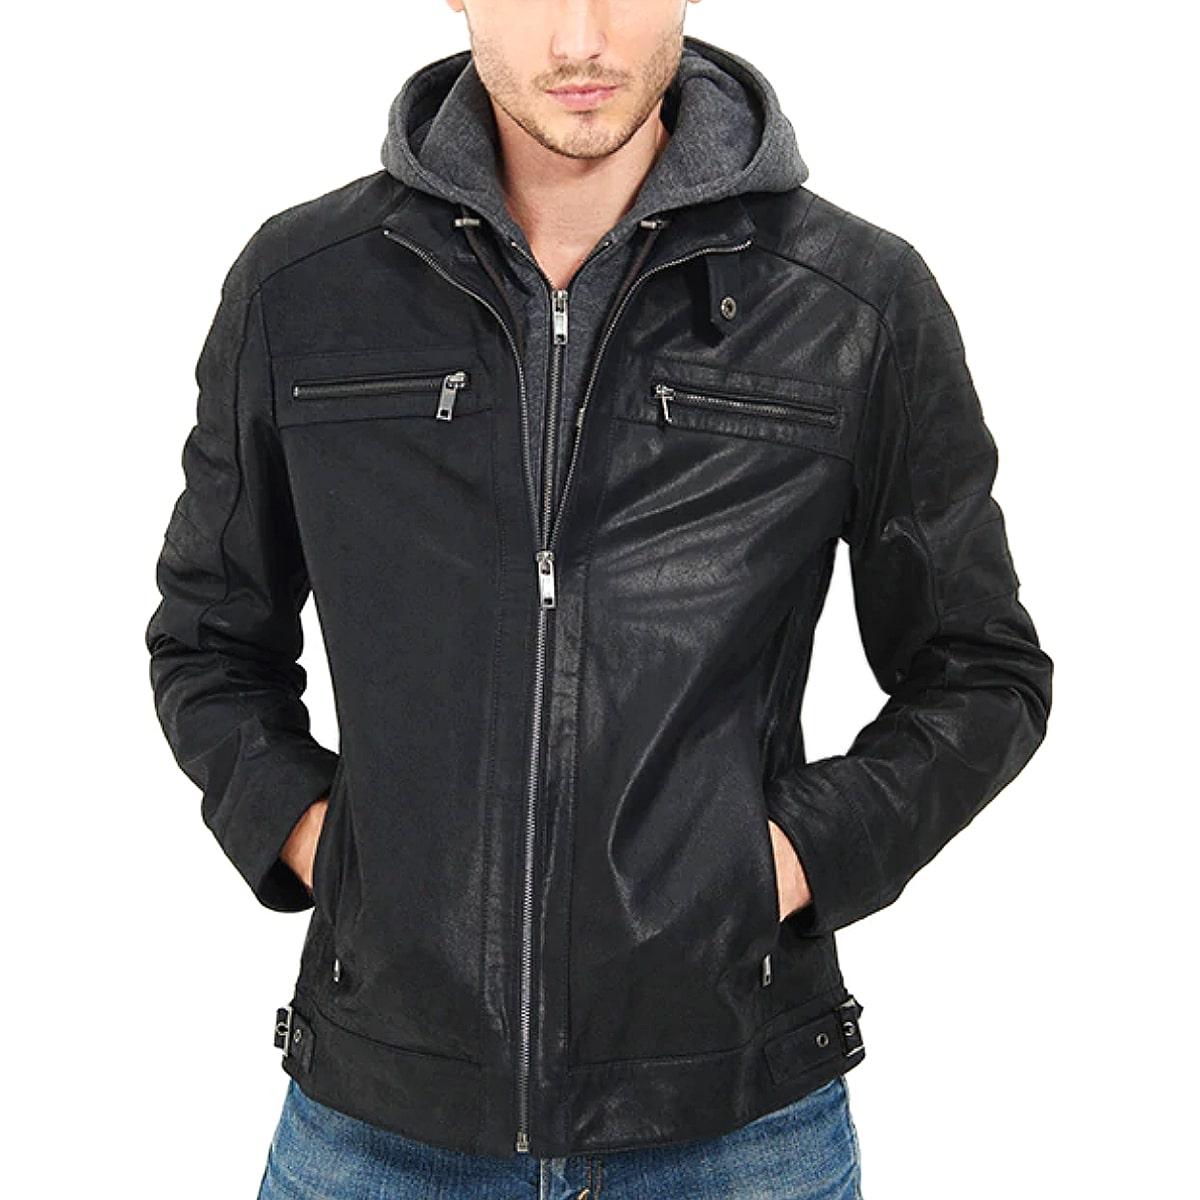 【送料無料!】フード着脱可能! 全10サイズ! [Men's Double Closure Black Pigskin Genuine Leather Jacket] メンズ ダブルクロージャー ブラック ピッグスキン ジェニュインレザージャケット! 本革 豚革 革ジャン ライダース パーカー 重ね着風 コート アウター バイクに!